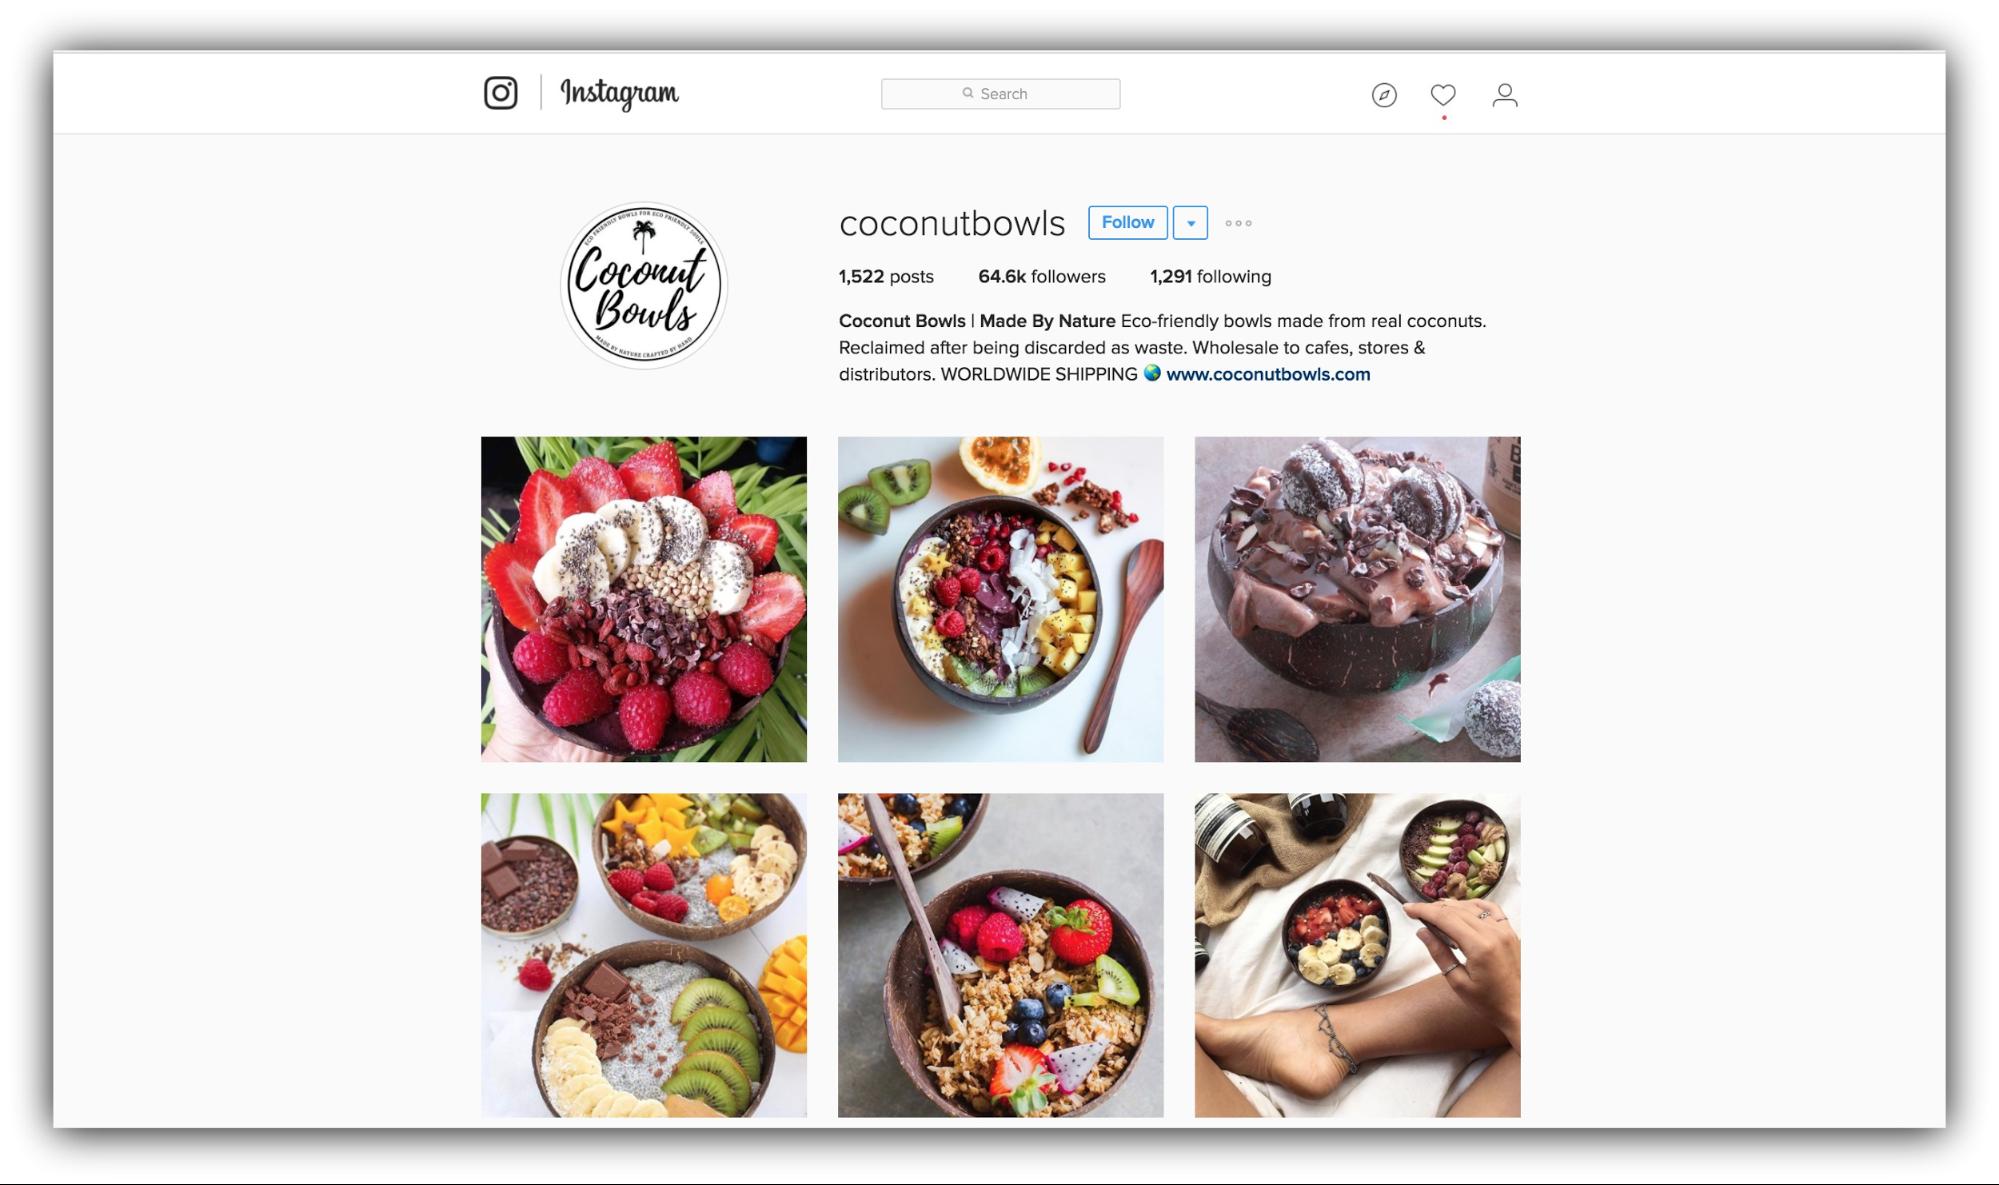 cdaad4c98a49 Продажи в Instagram  8 историй интернет-магазинов   Блог YAGLA